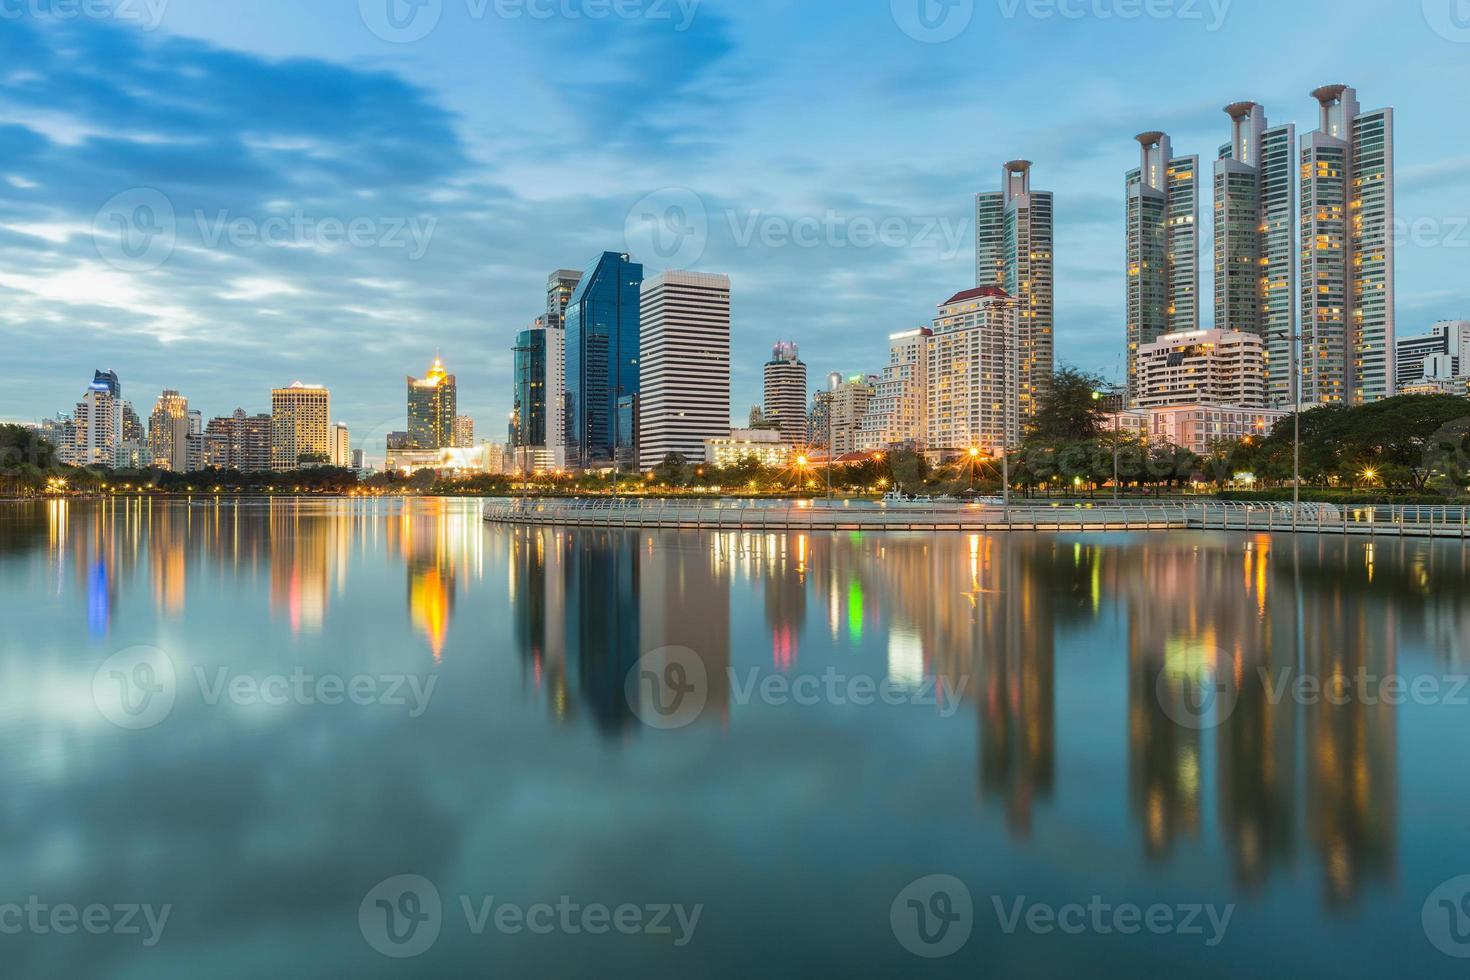 paysage urbain à bangkok business district crépuscule avec réflexion de l'eau thaïlande photo